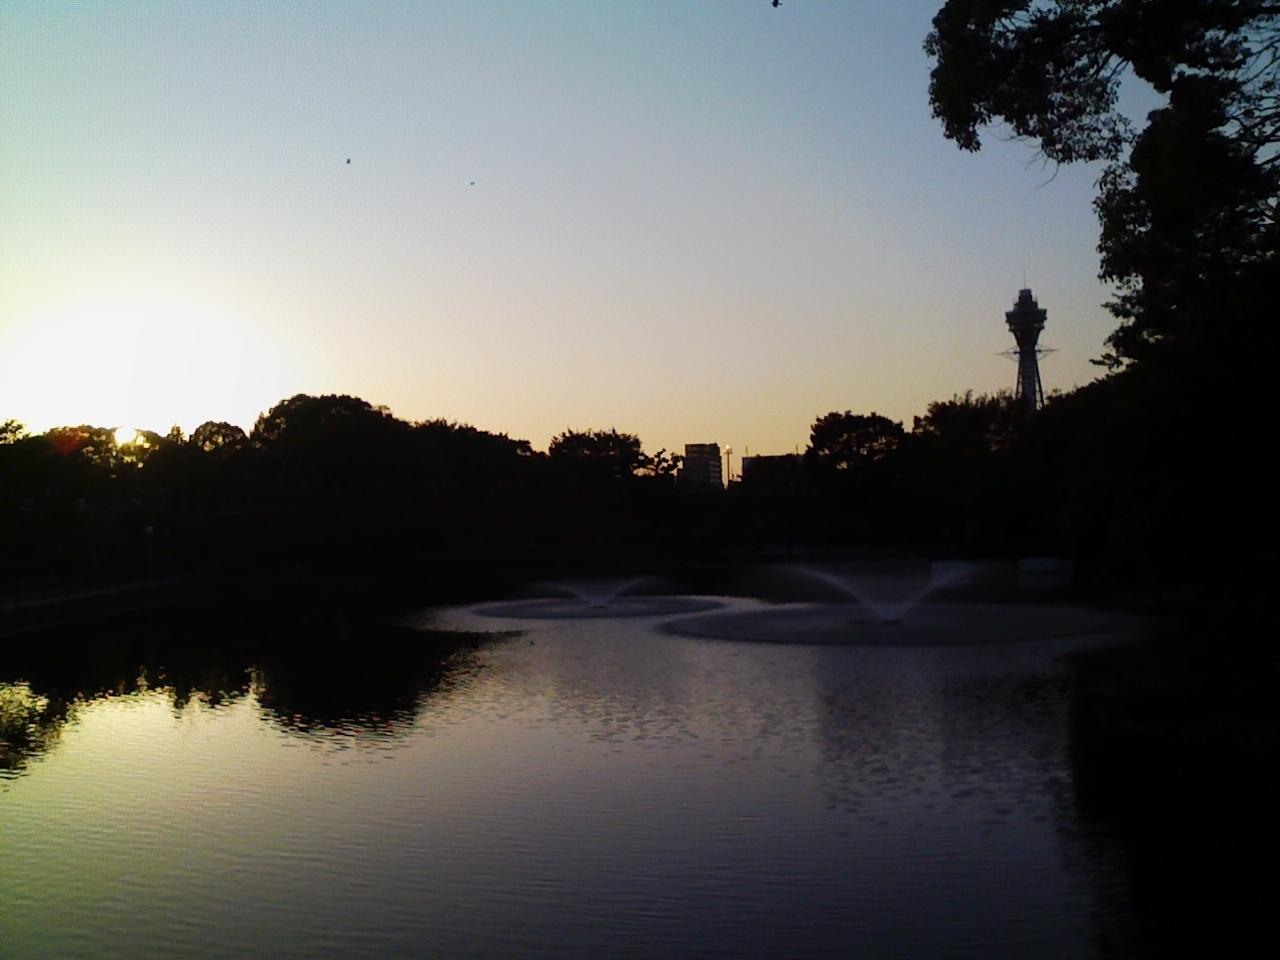 082_河底池